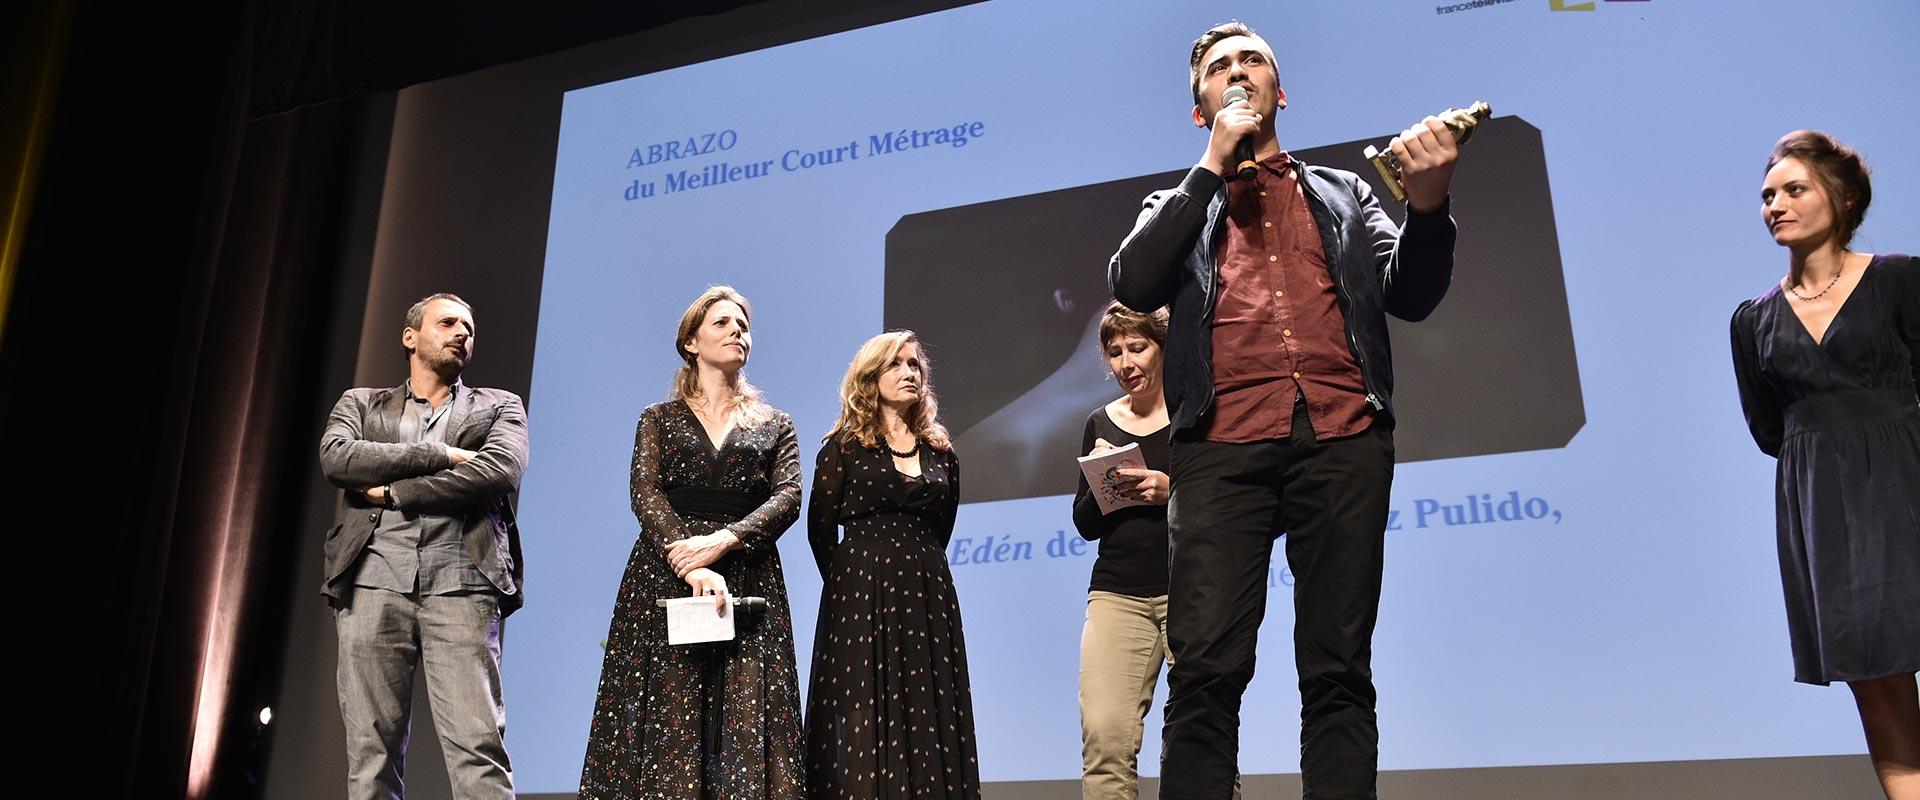 ANDREZ RAMIREZ PULIDO, Abrazo du meilleur court-métrage 2016, sélectionné au Festival de Cannes!